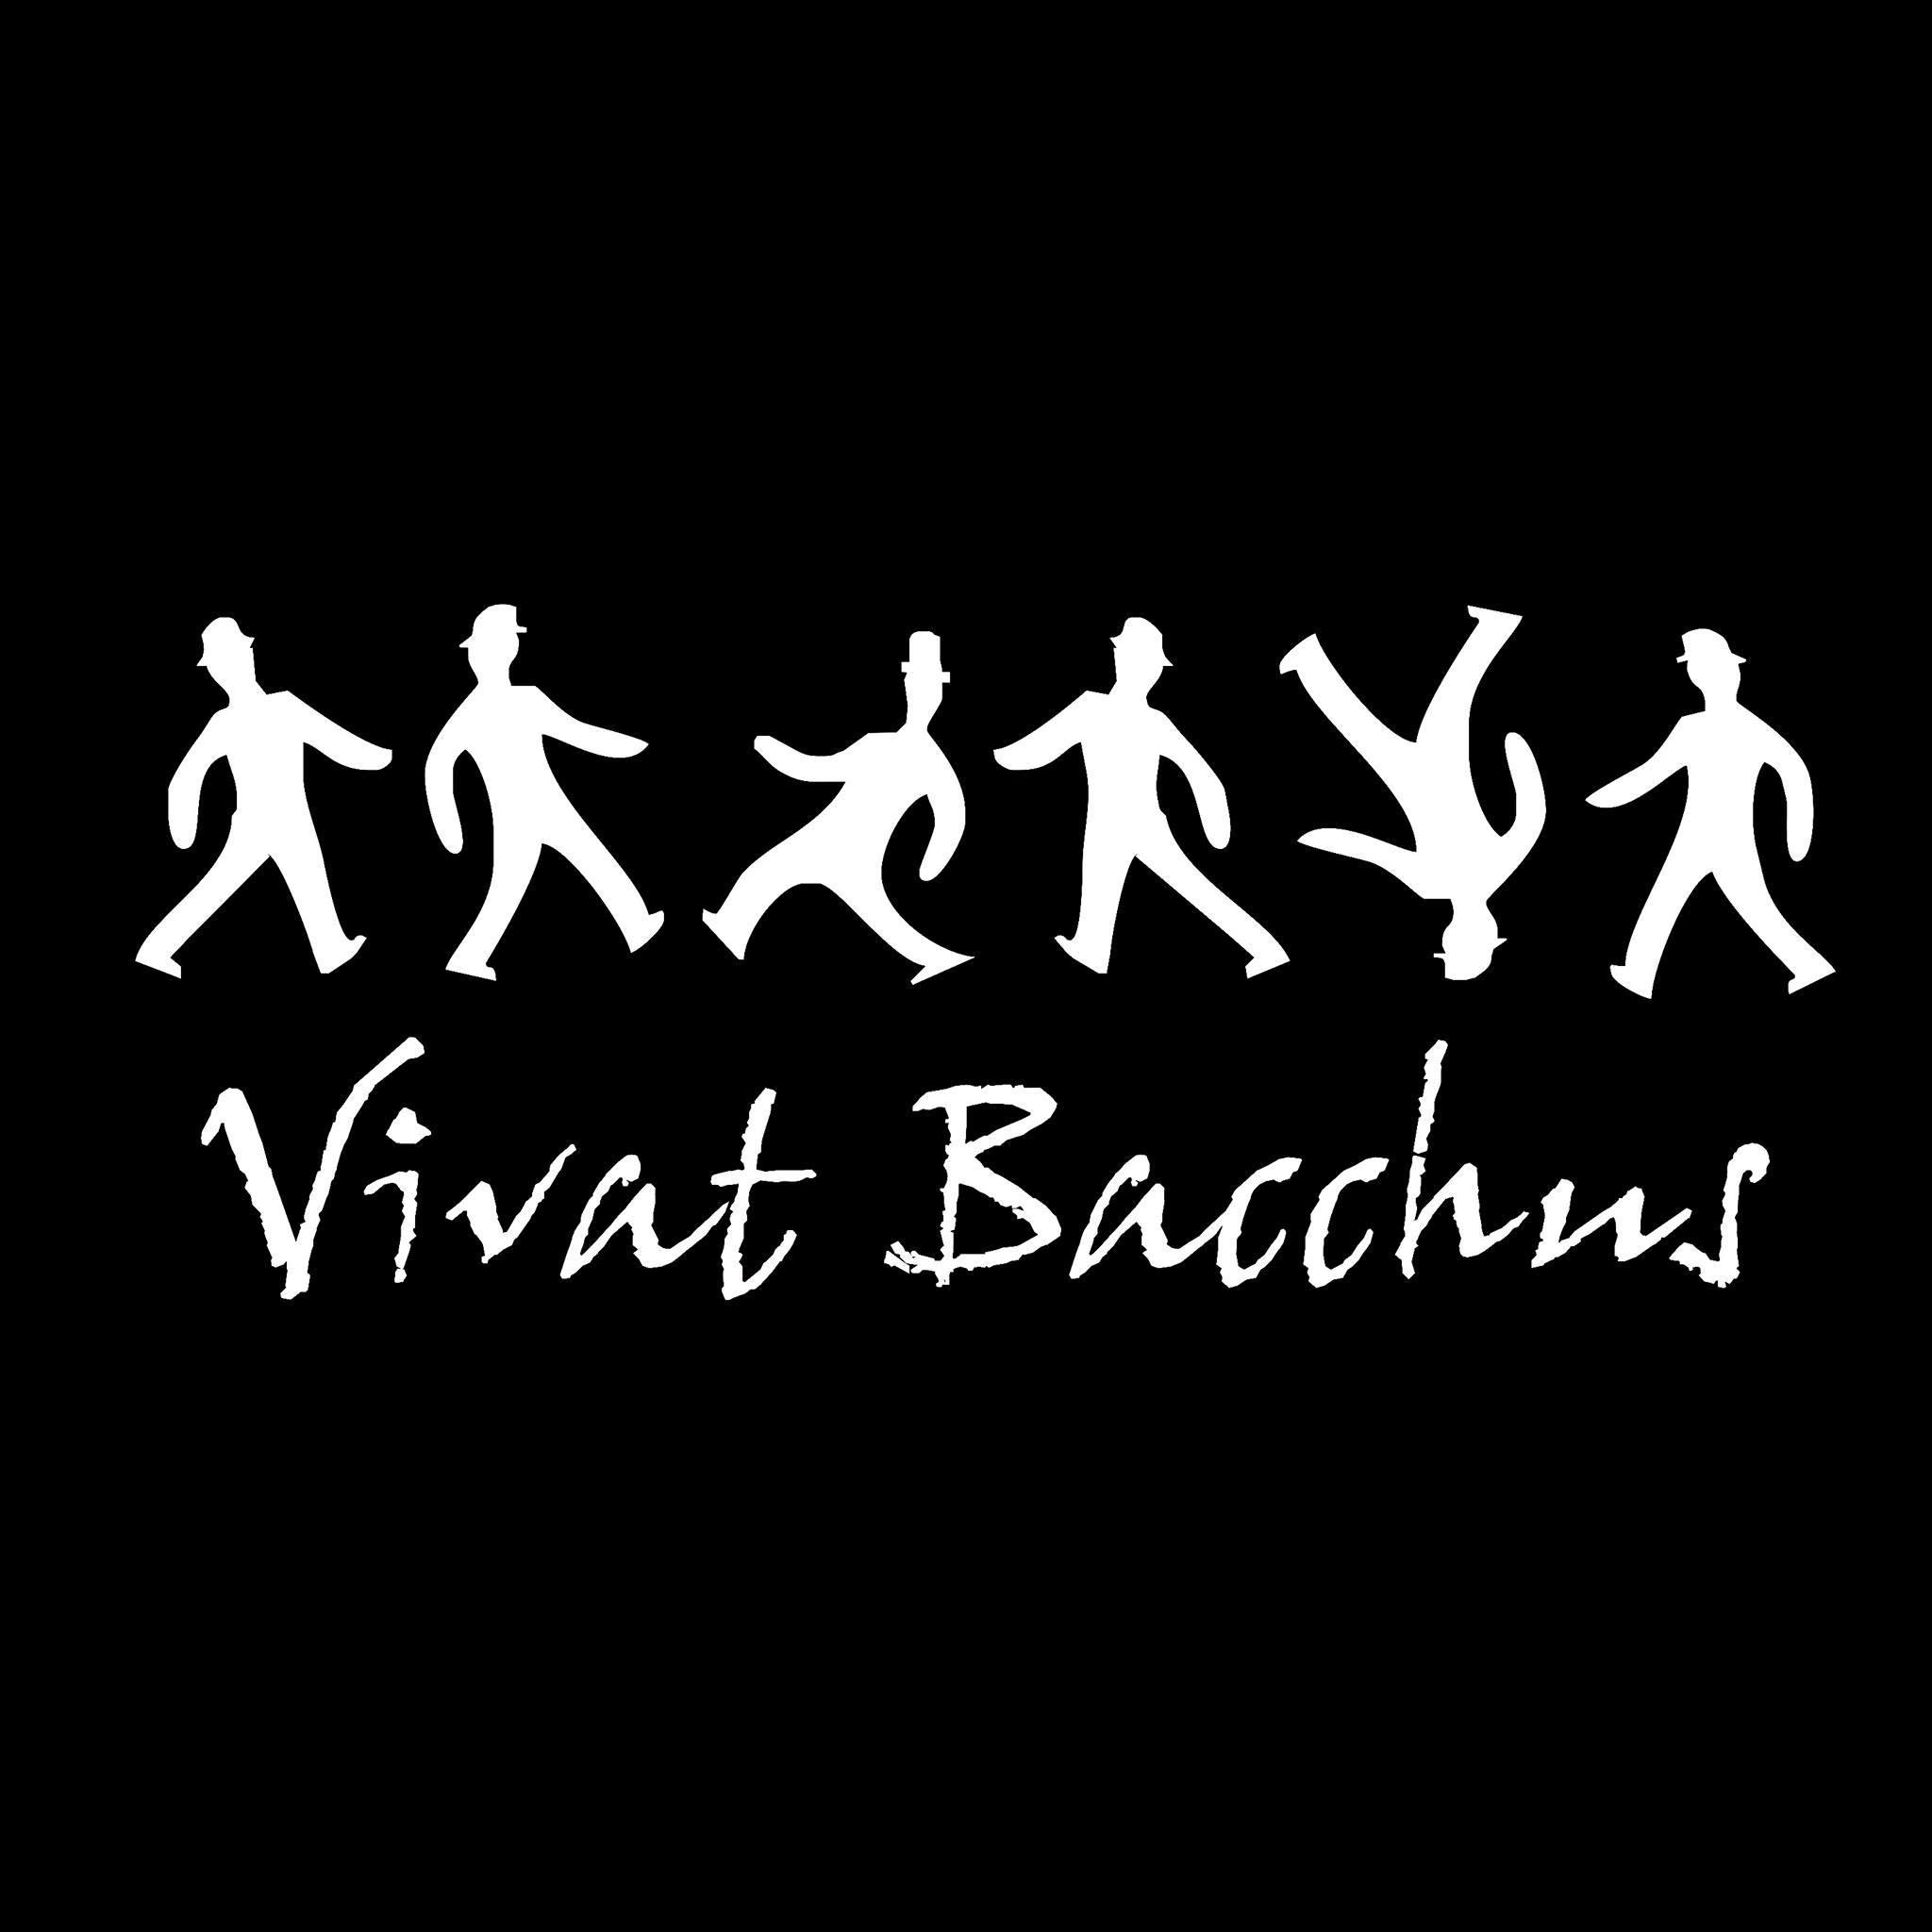 Vivat Bacchus